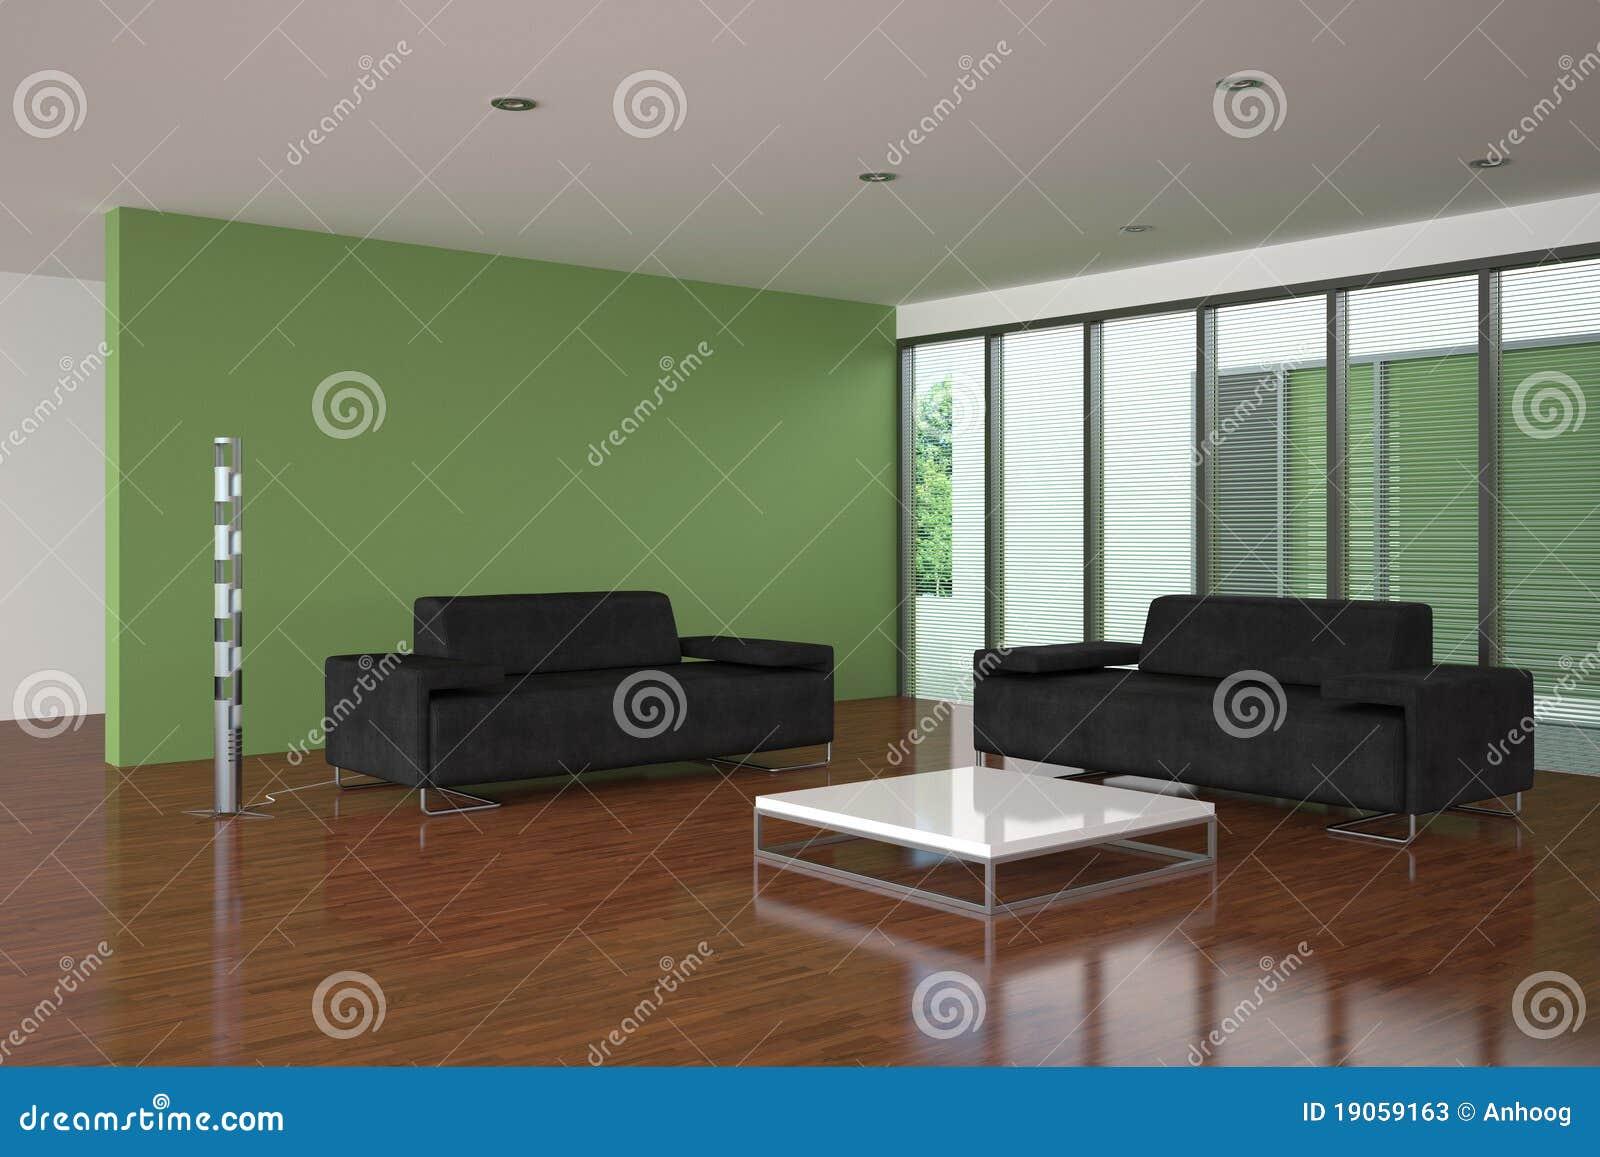 #82A328 Salle De Séjour Moderne Avec Le Mur Vert Photos Stock  3941 salle de sejour moderne 1300x957 px @ aertt.com